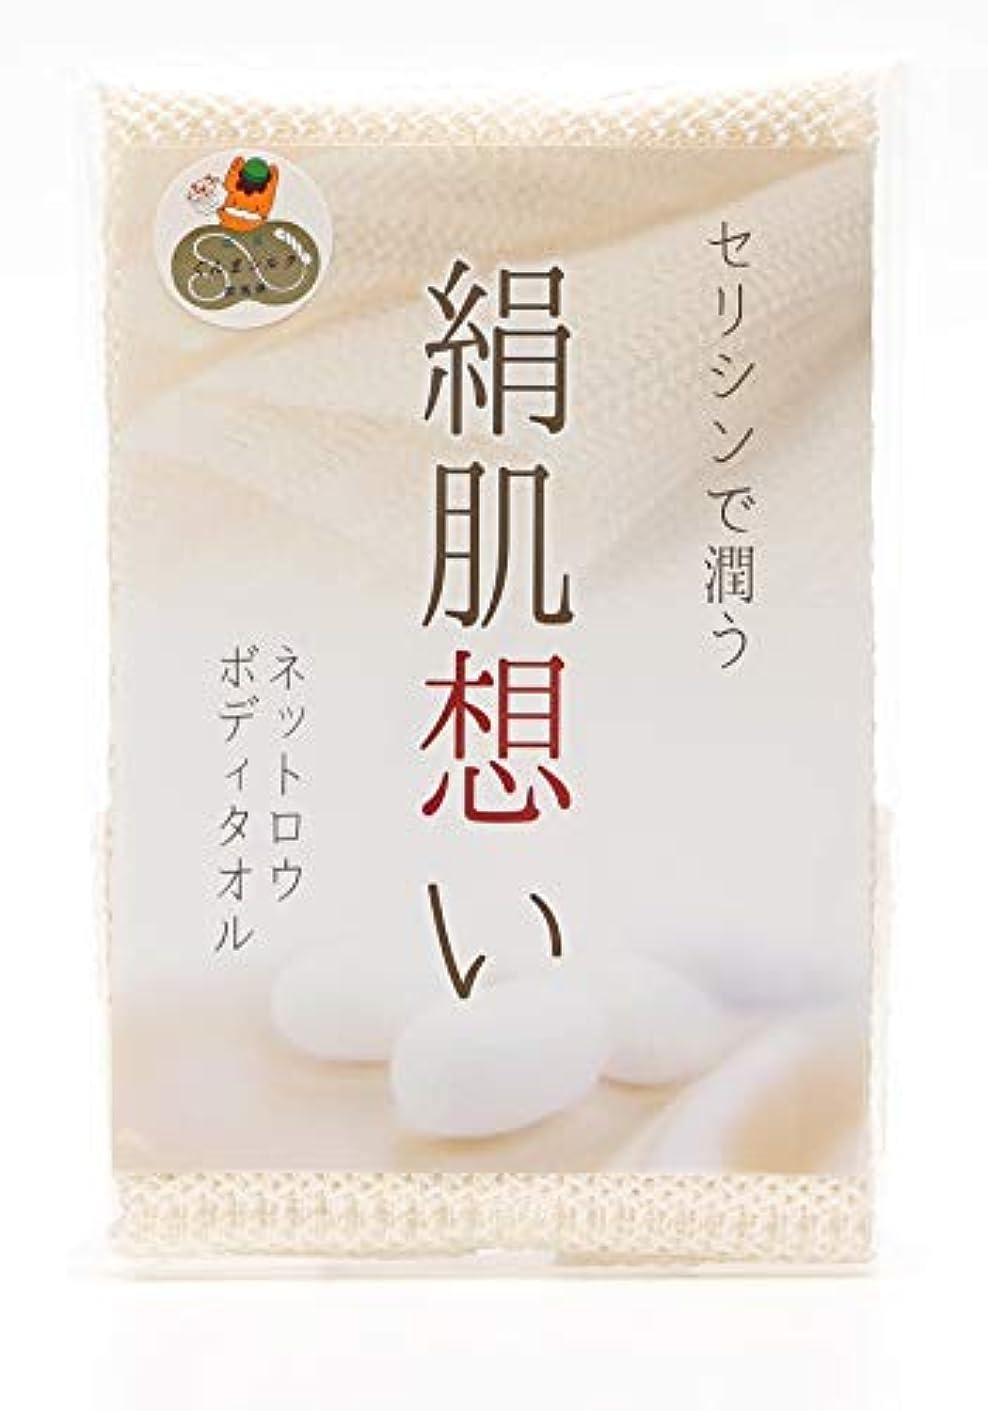 治す他のバンドでシマウマ[ハッピーシルク] シルクボディータオル 「絹肌想い 」浴用ボディタオル セリシンで潤う シルク100% ネットロウ